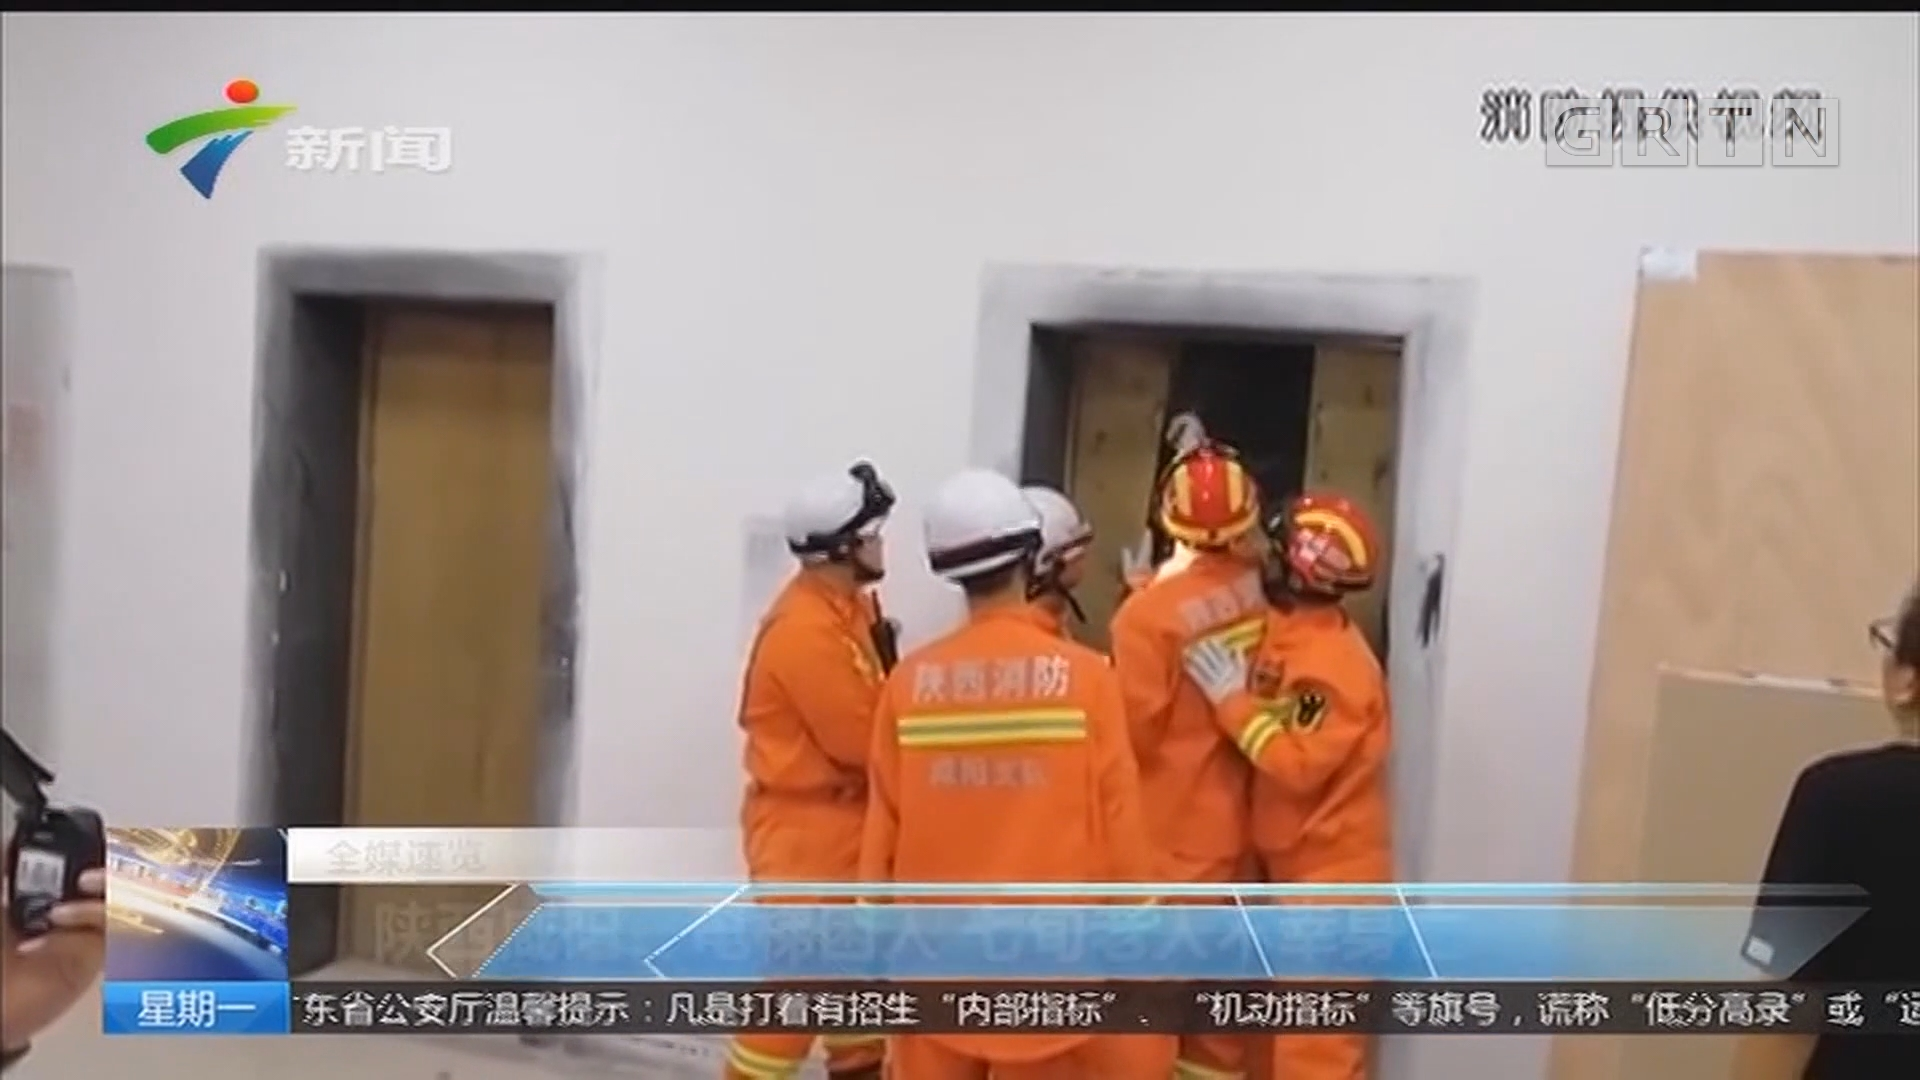 陕西咸阳:电梯困人 七旬老人不幸身亡